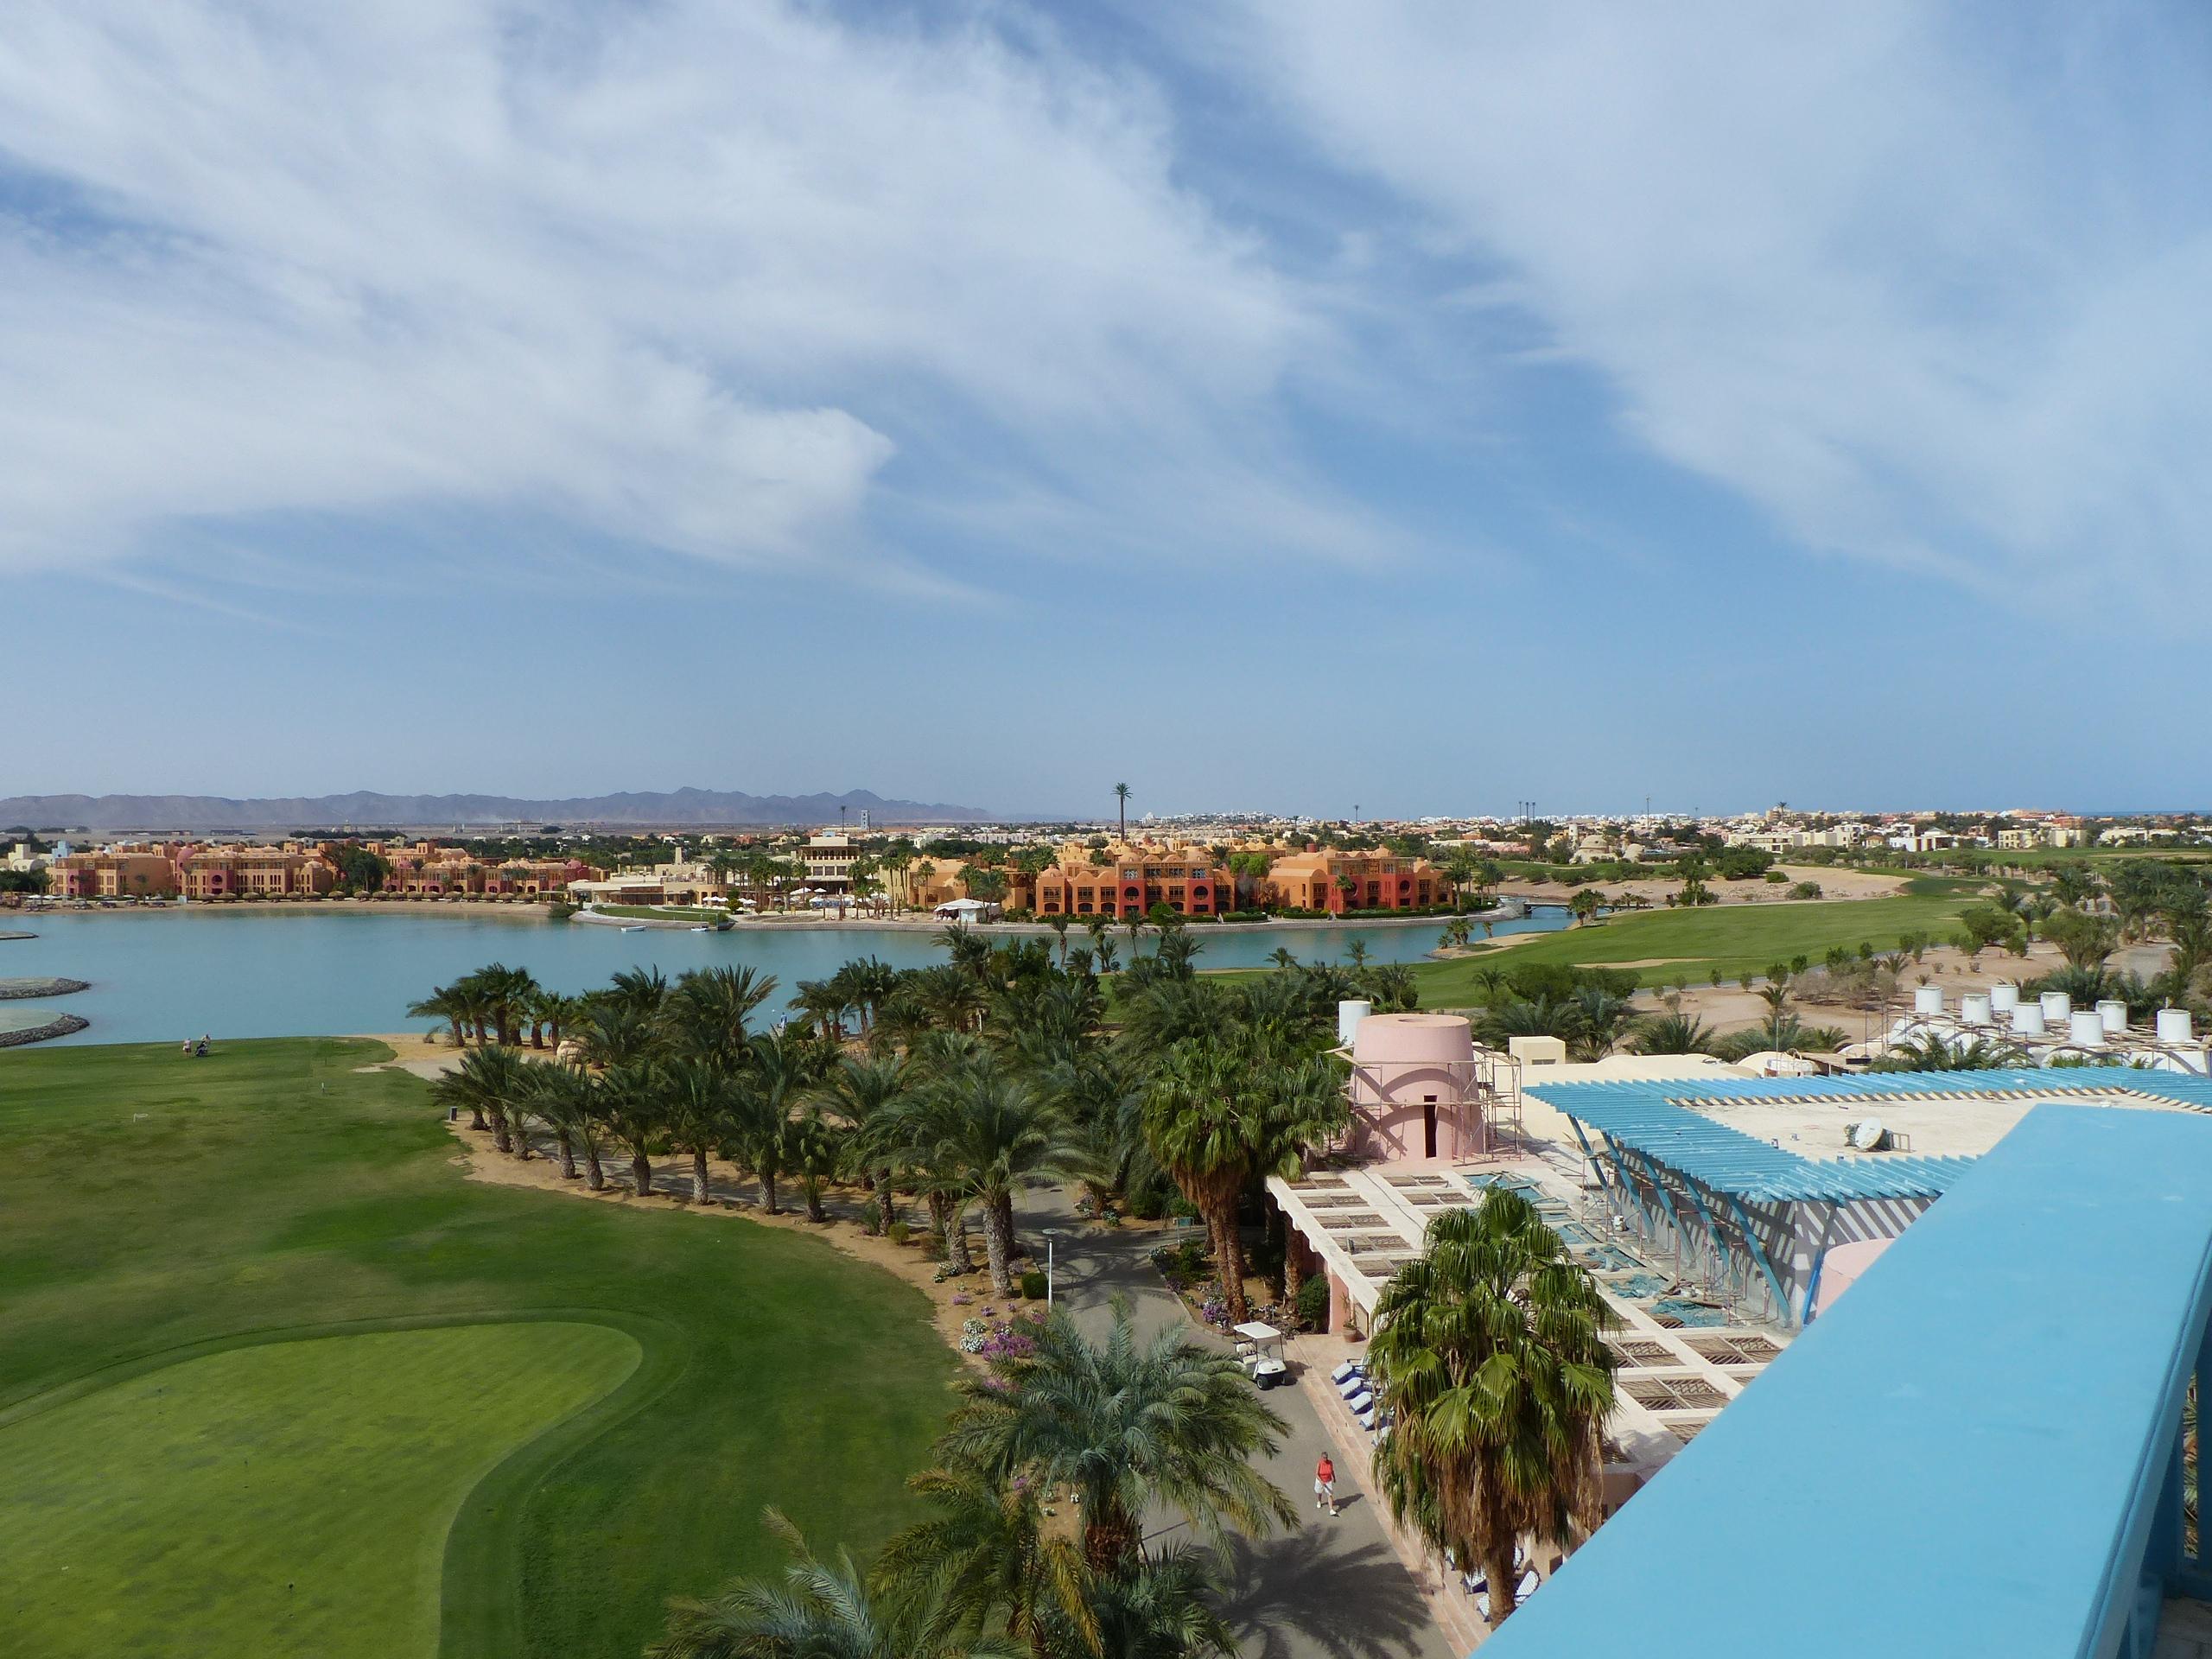 El Gouna am Roten Meer ist ein riesiges Resort aus einem Guss, dessen Architektur an 1001 Nacht erinnert. Foto: D. Weirauch